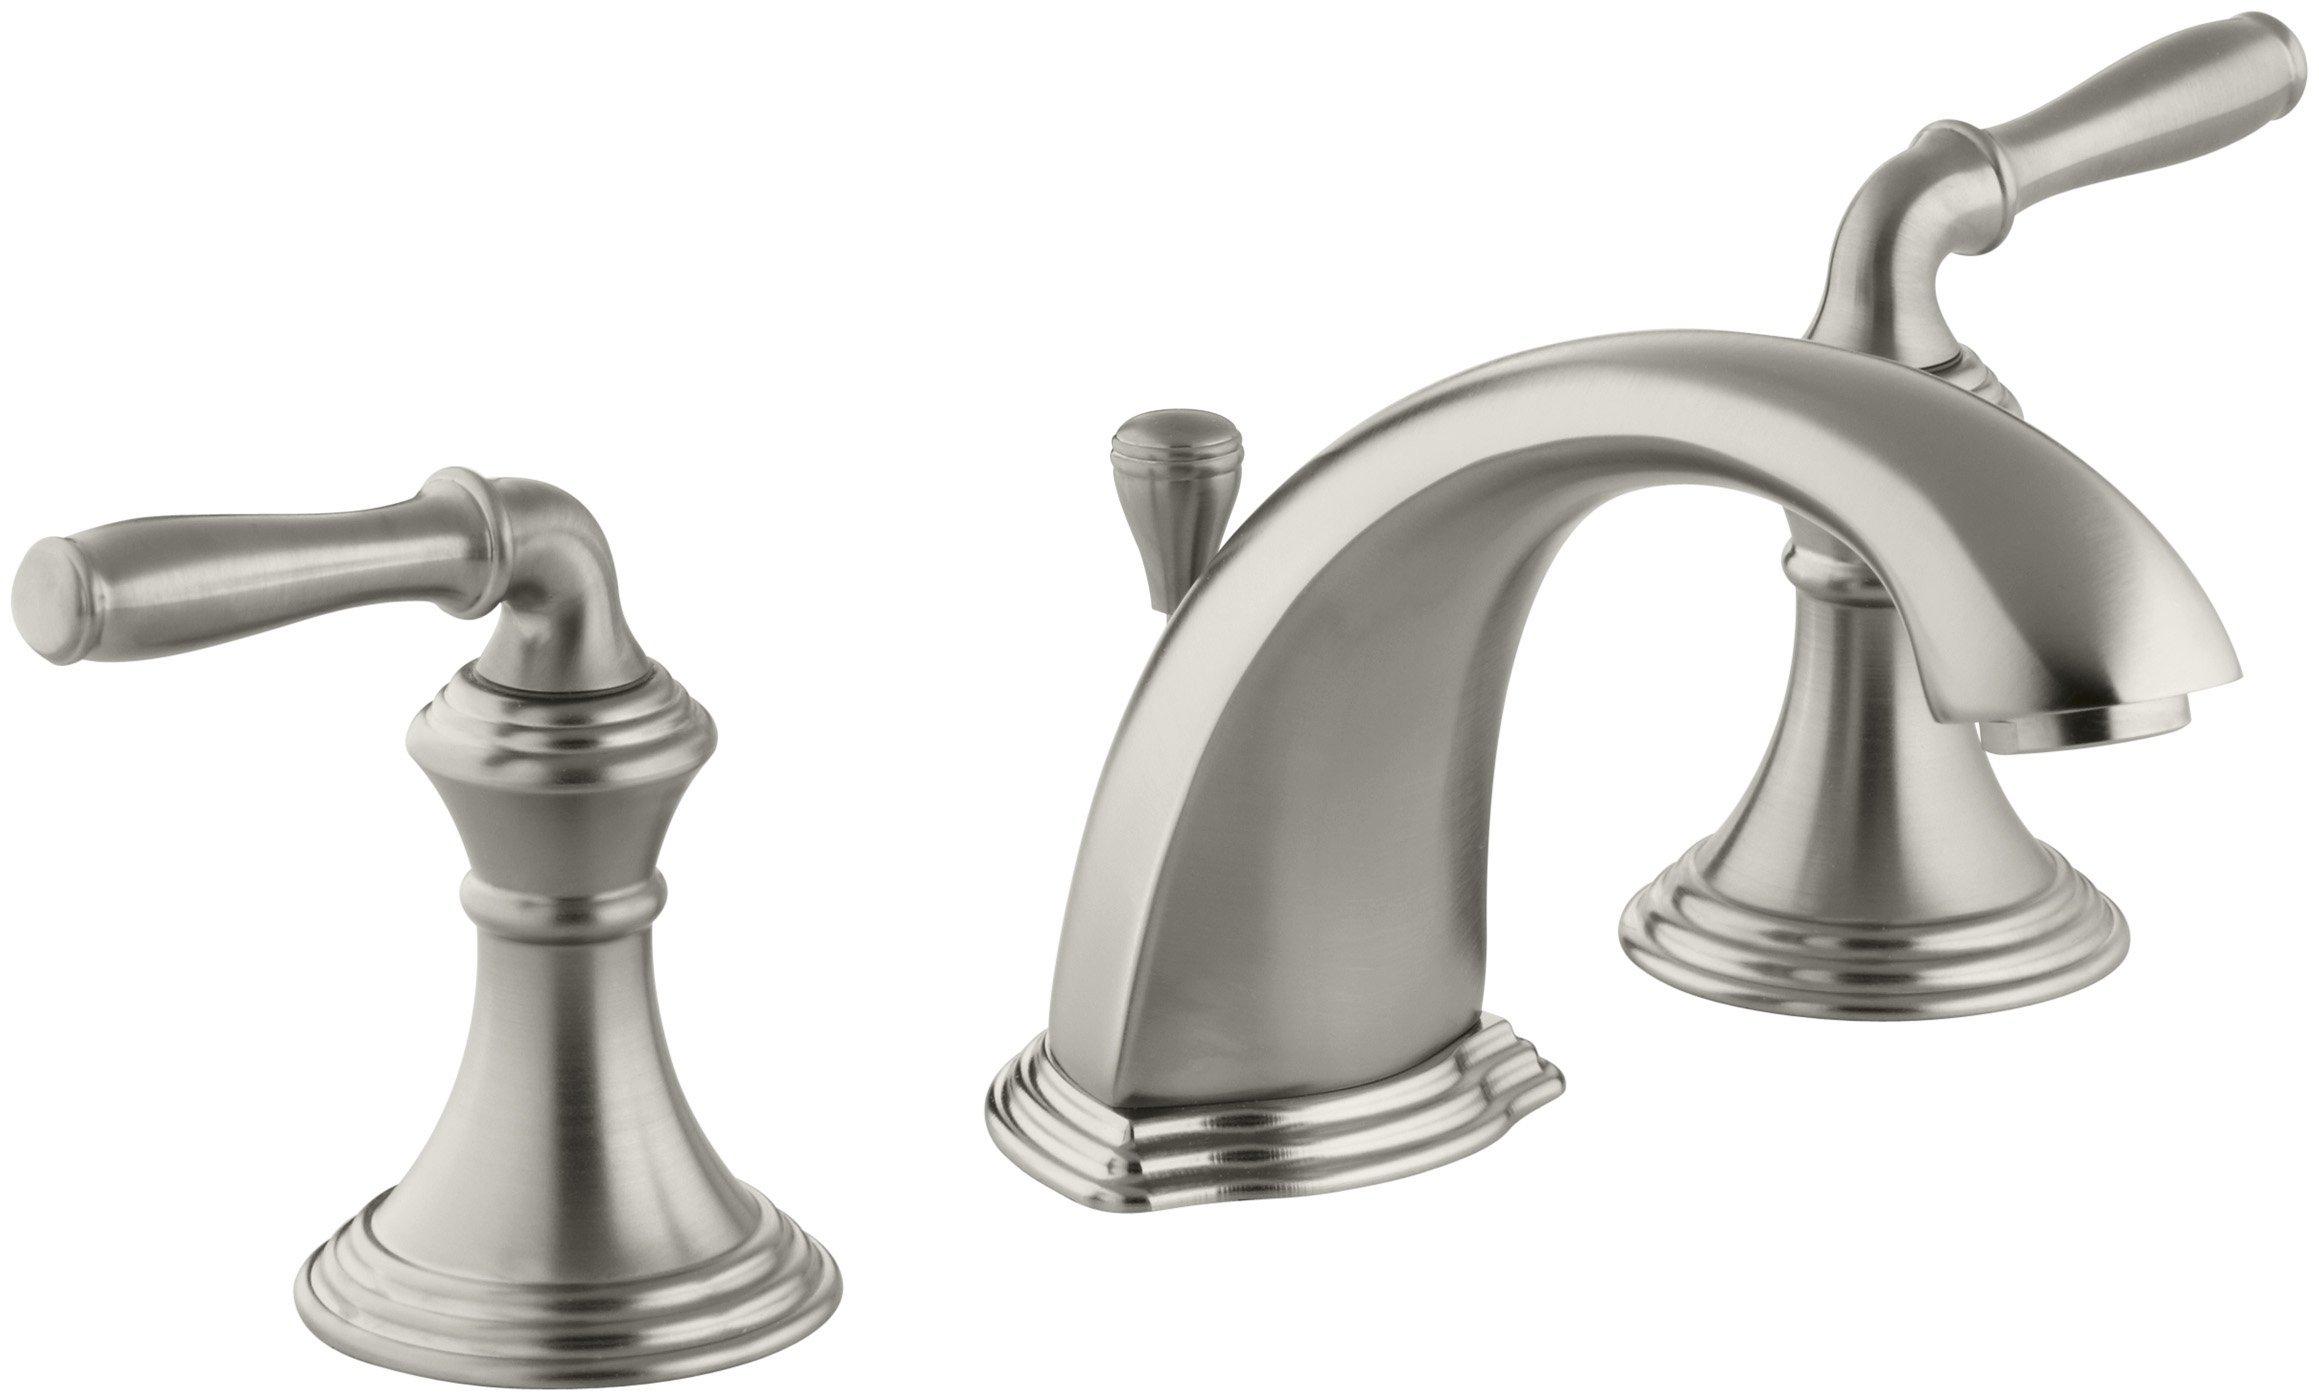 KOHLER K-394-4-BN Devonshire Widespread Lavatory Faucet, Vibrant Brushed Nickel by Kohler